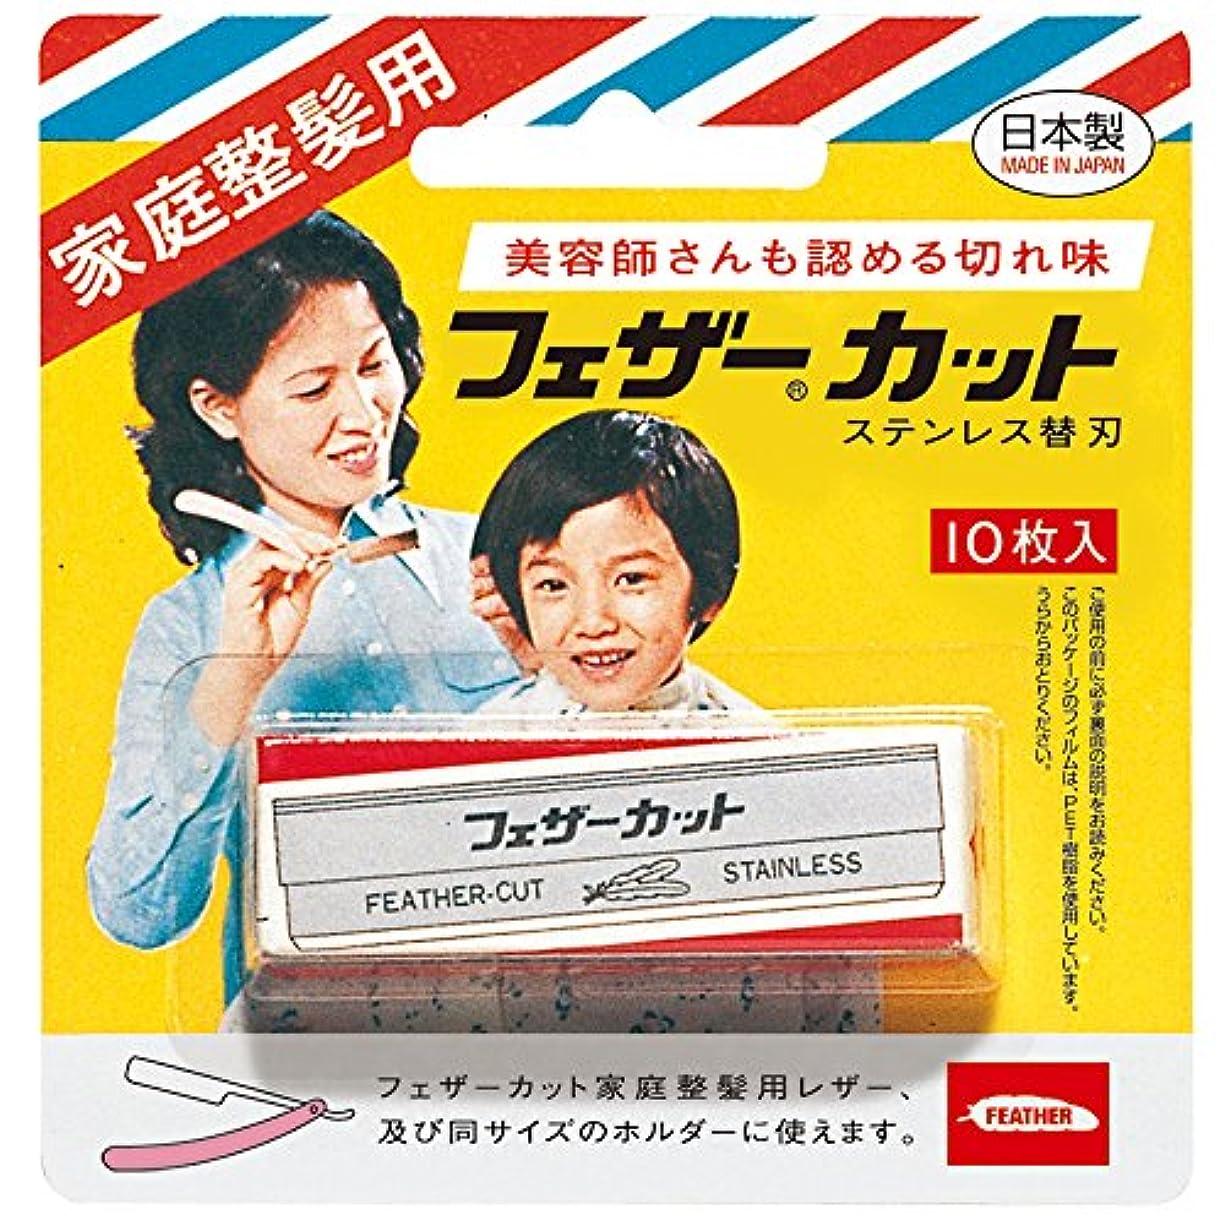 水平行不変フェザー 家庭整髪用カット 替刃 10枚入